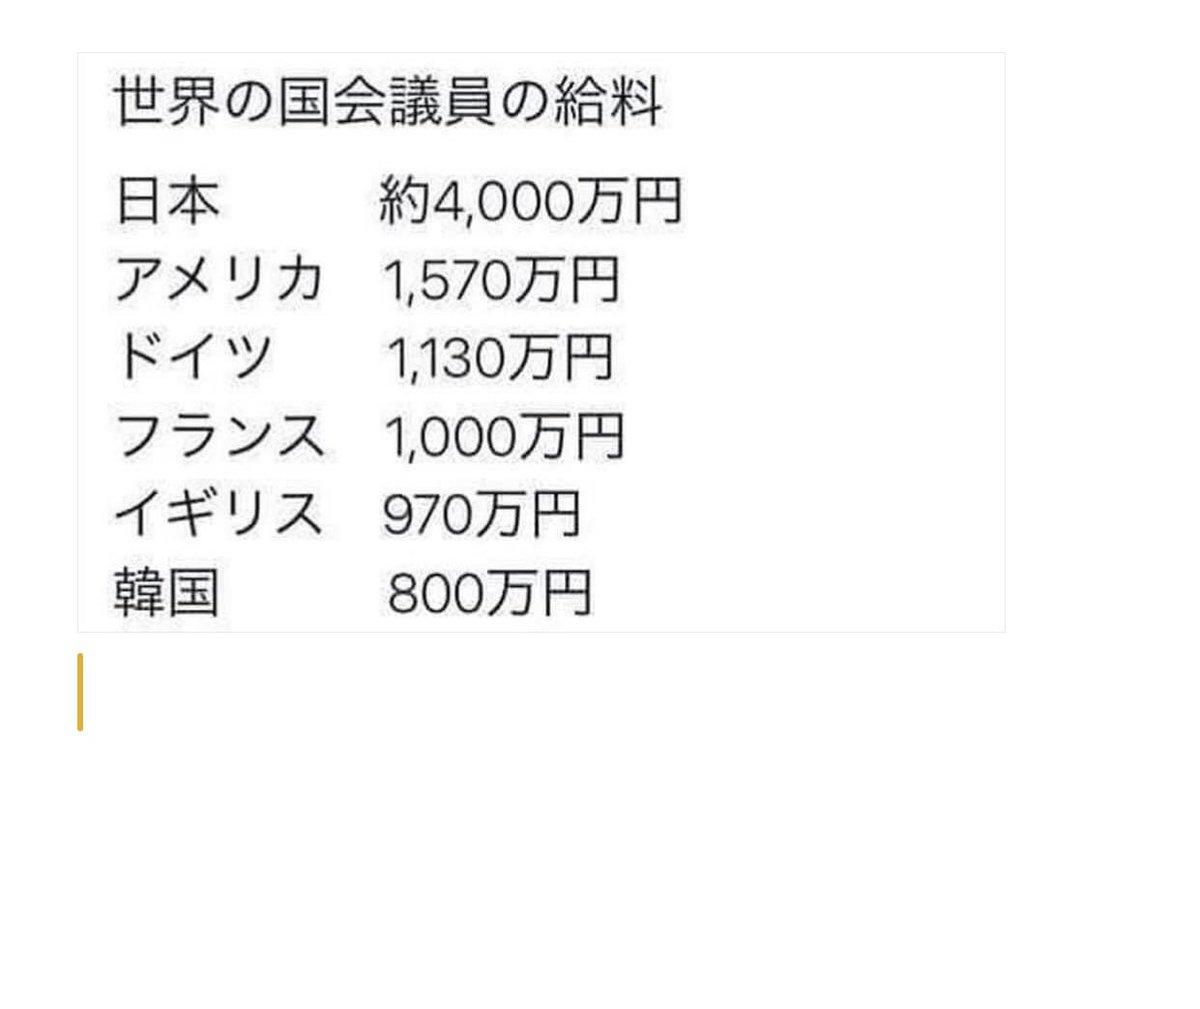 議員 年収 国会 日本の国会議員の年収は?国別ランキングTOP10!